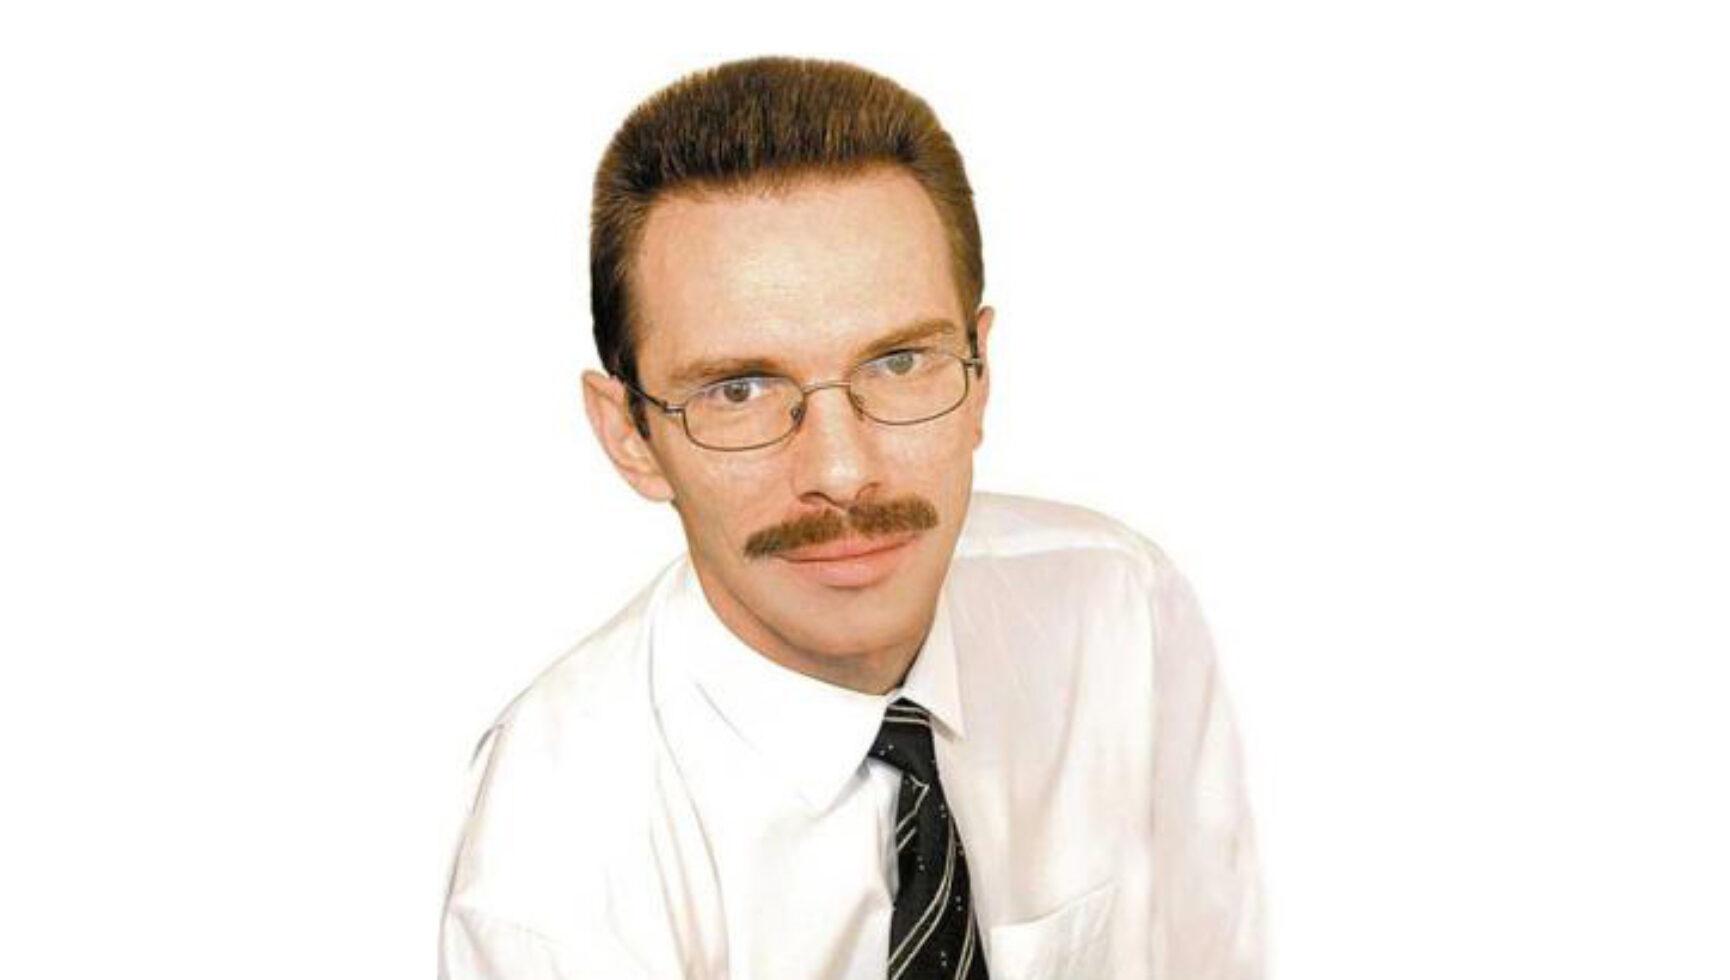 Поздравляем Горлова Владимира Викторовича, главу муниципального образования Теляковское Ясногорского района, с Днем рождения!